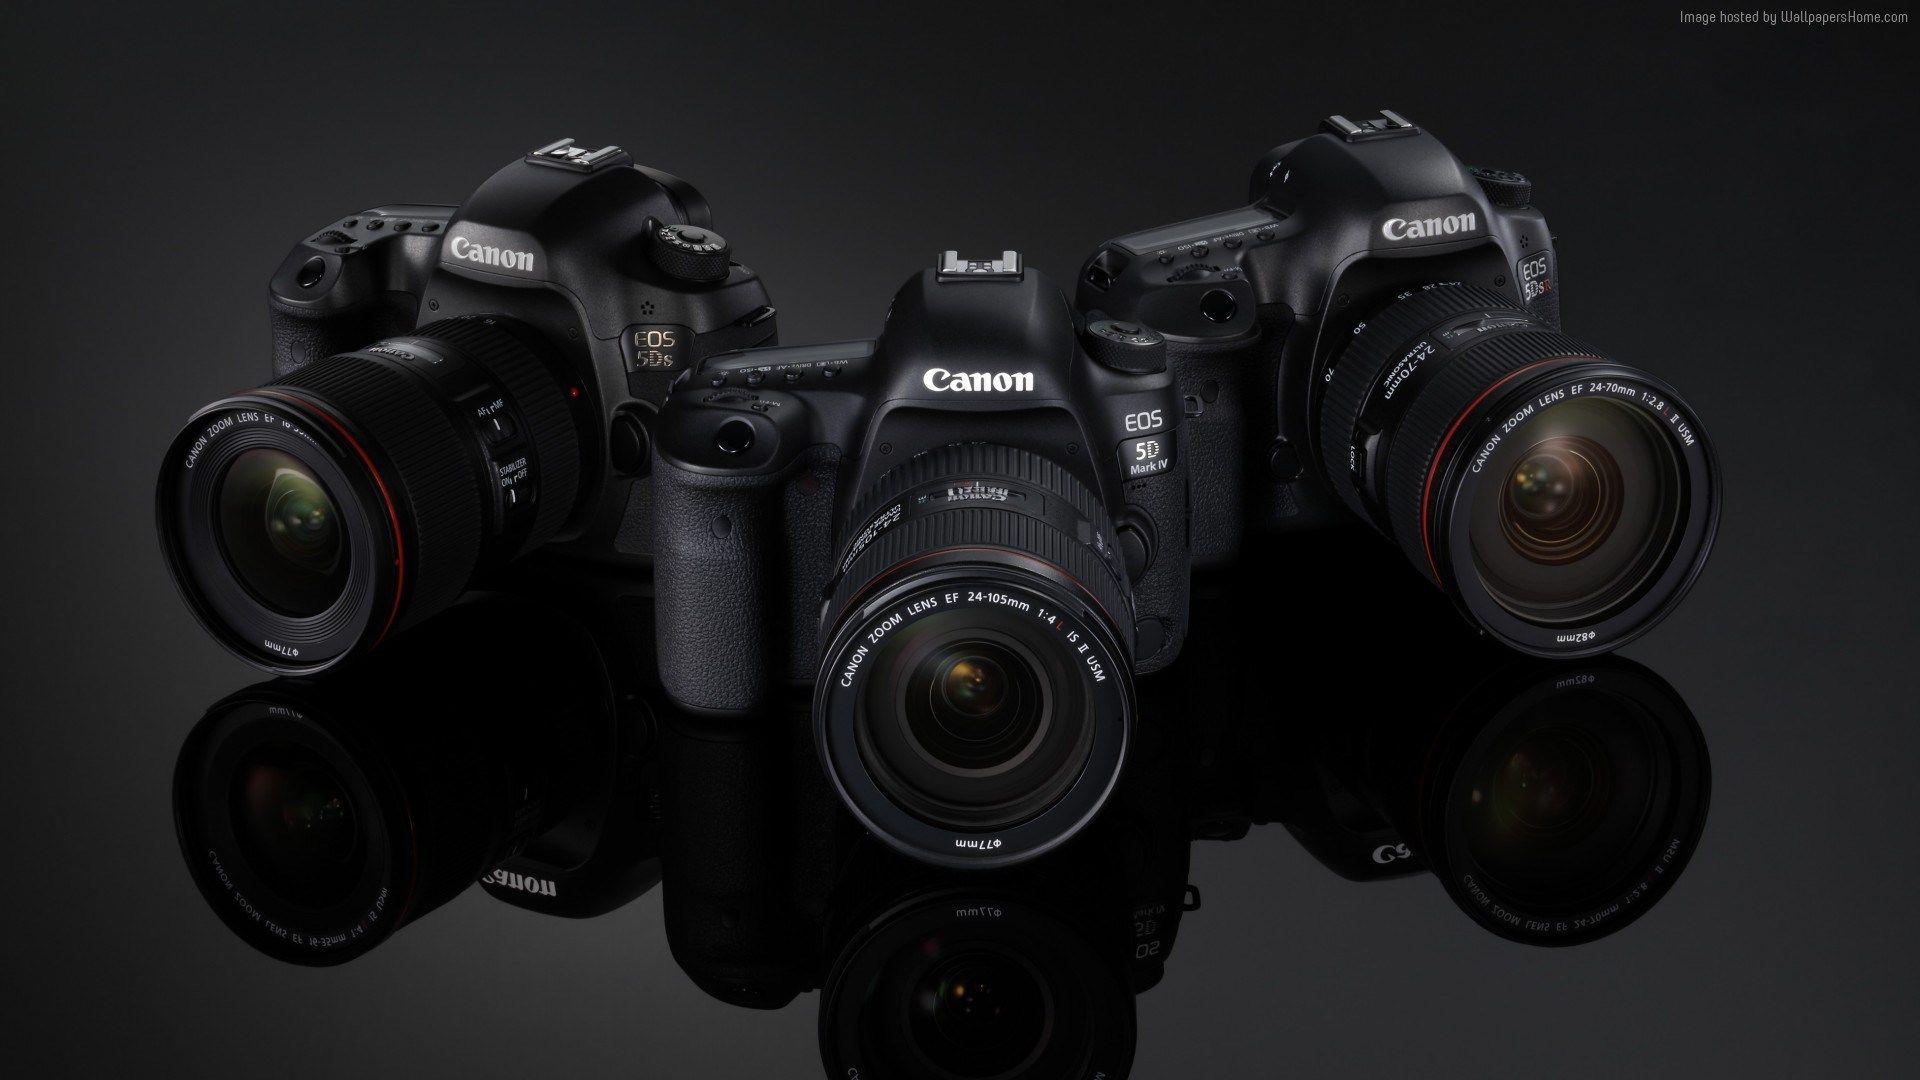 Milf sessions cam